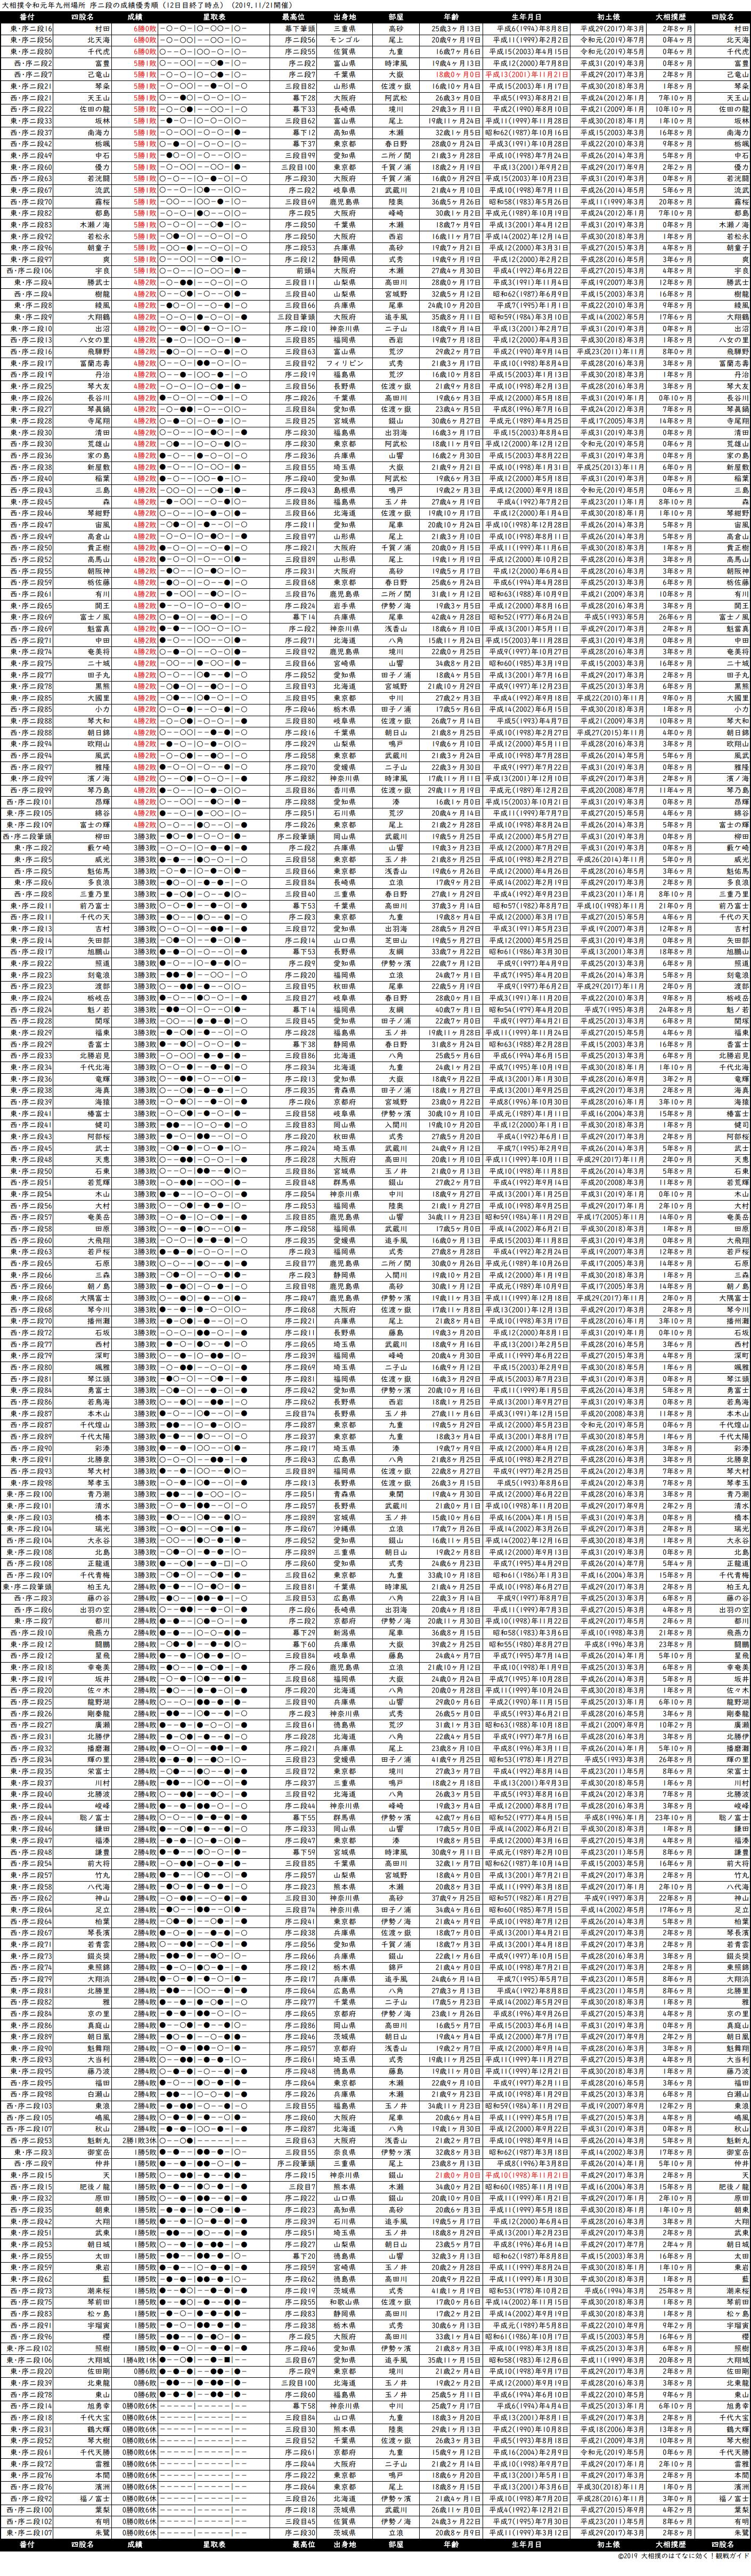 序二段成績順一覧表・2019年11月場所12日目